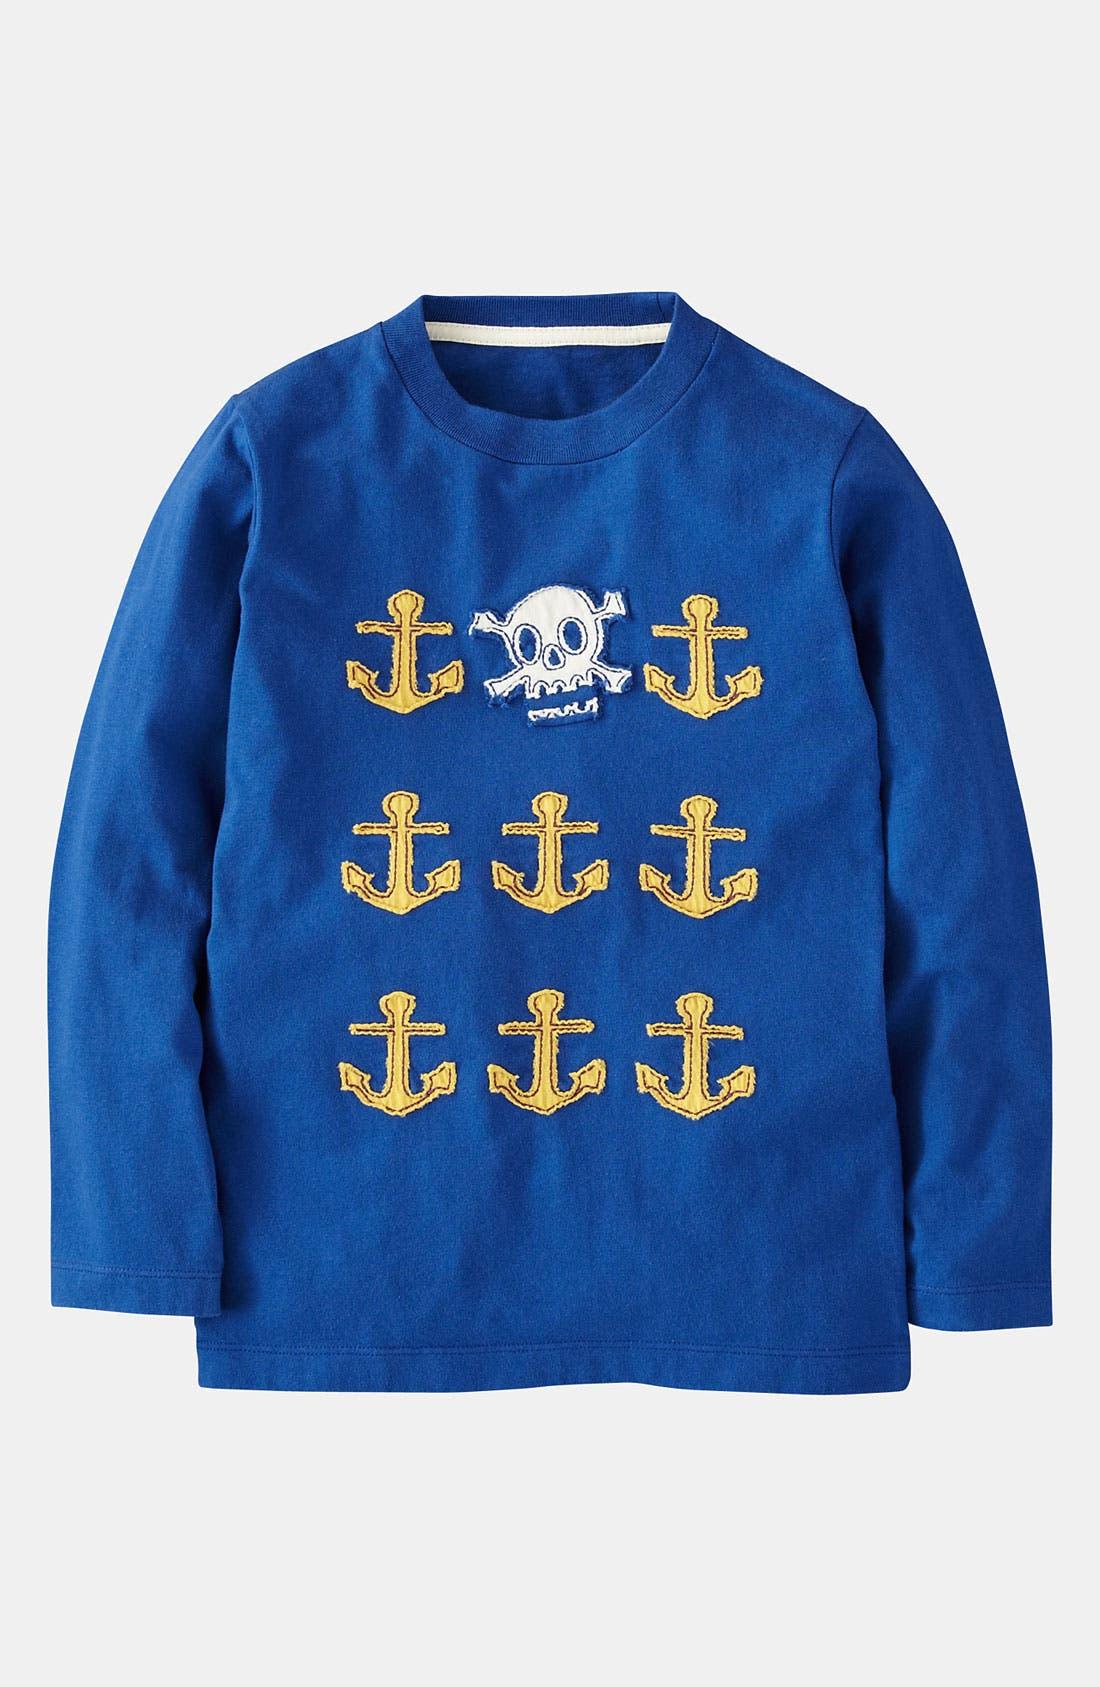 Alternate Image 1 Selected - Mini Boden 'Multi Logo' T-Shirt (Toddler)